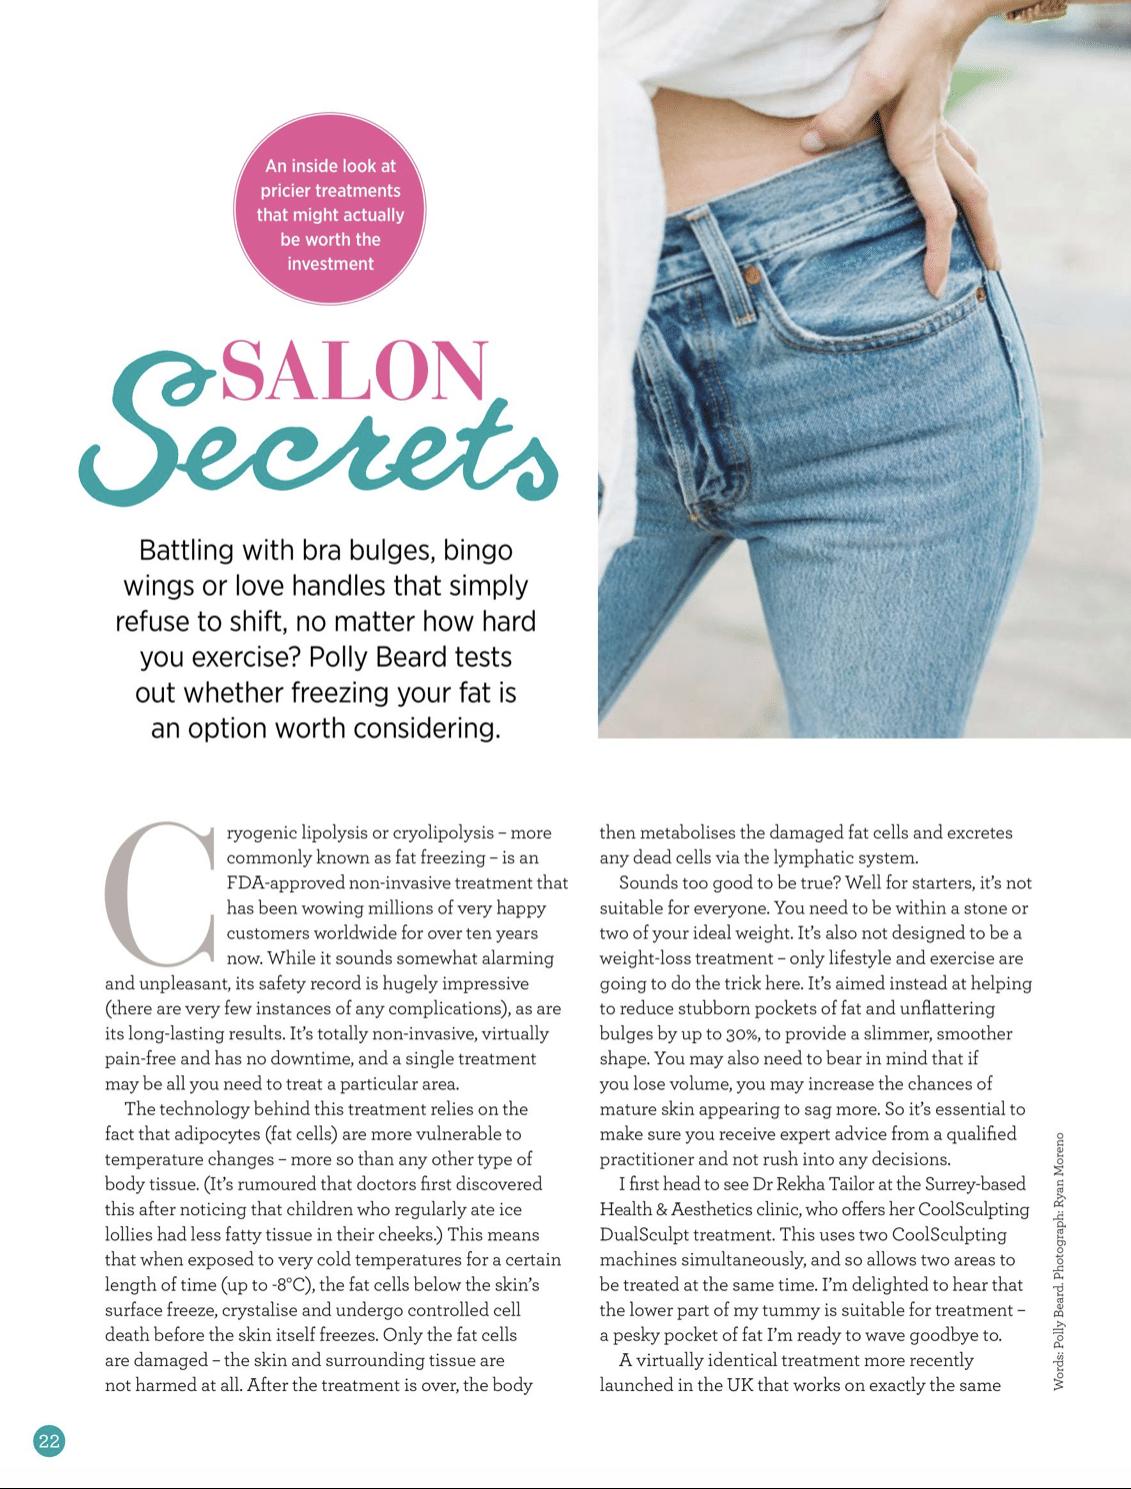 Liz Earle Wellbeing Magazine - May 2020